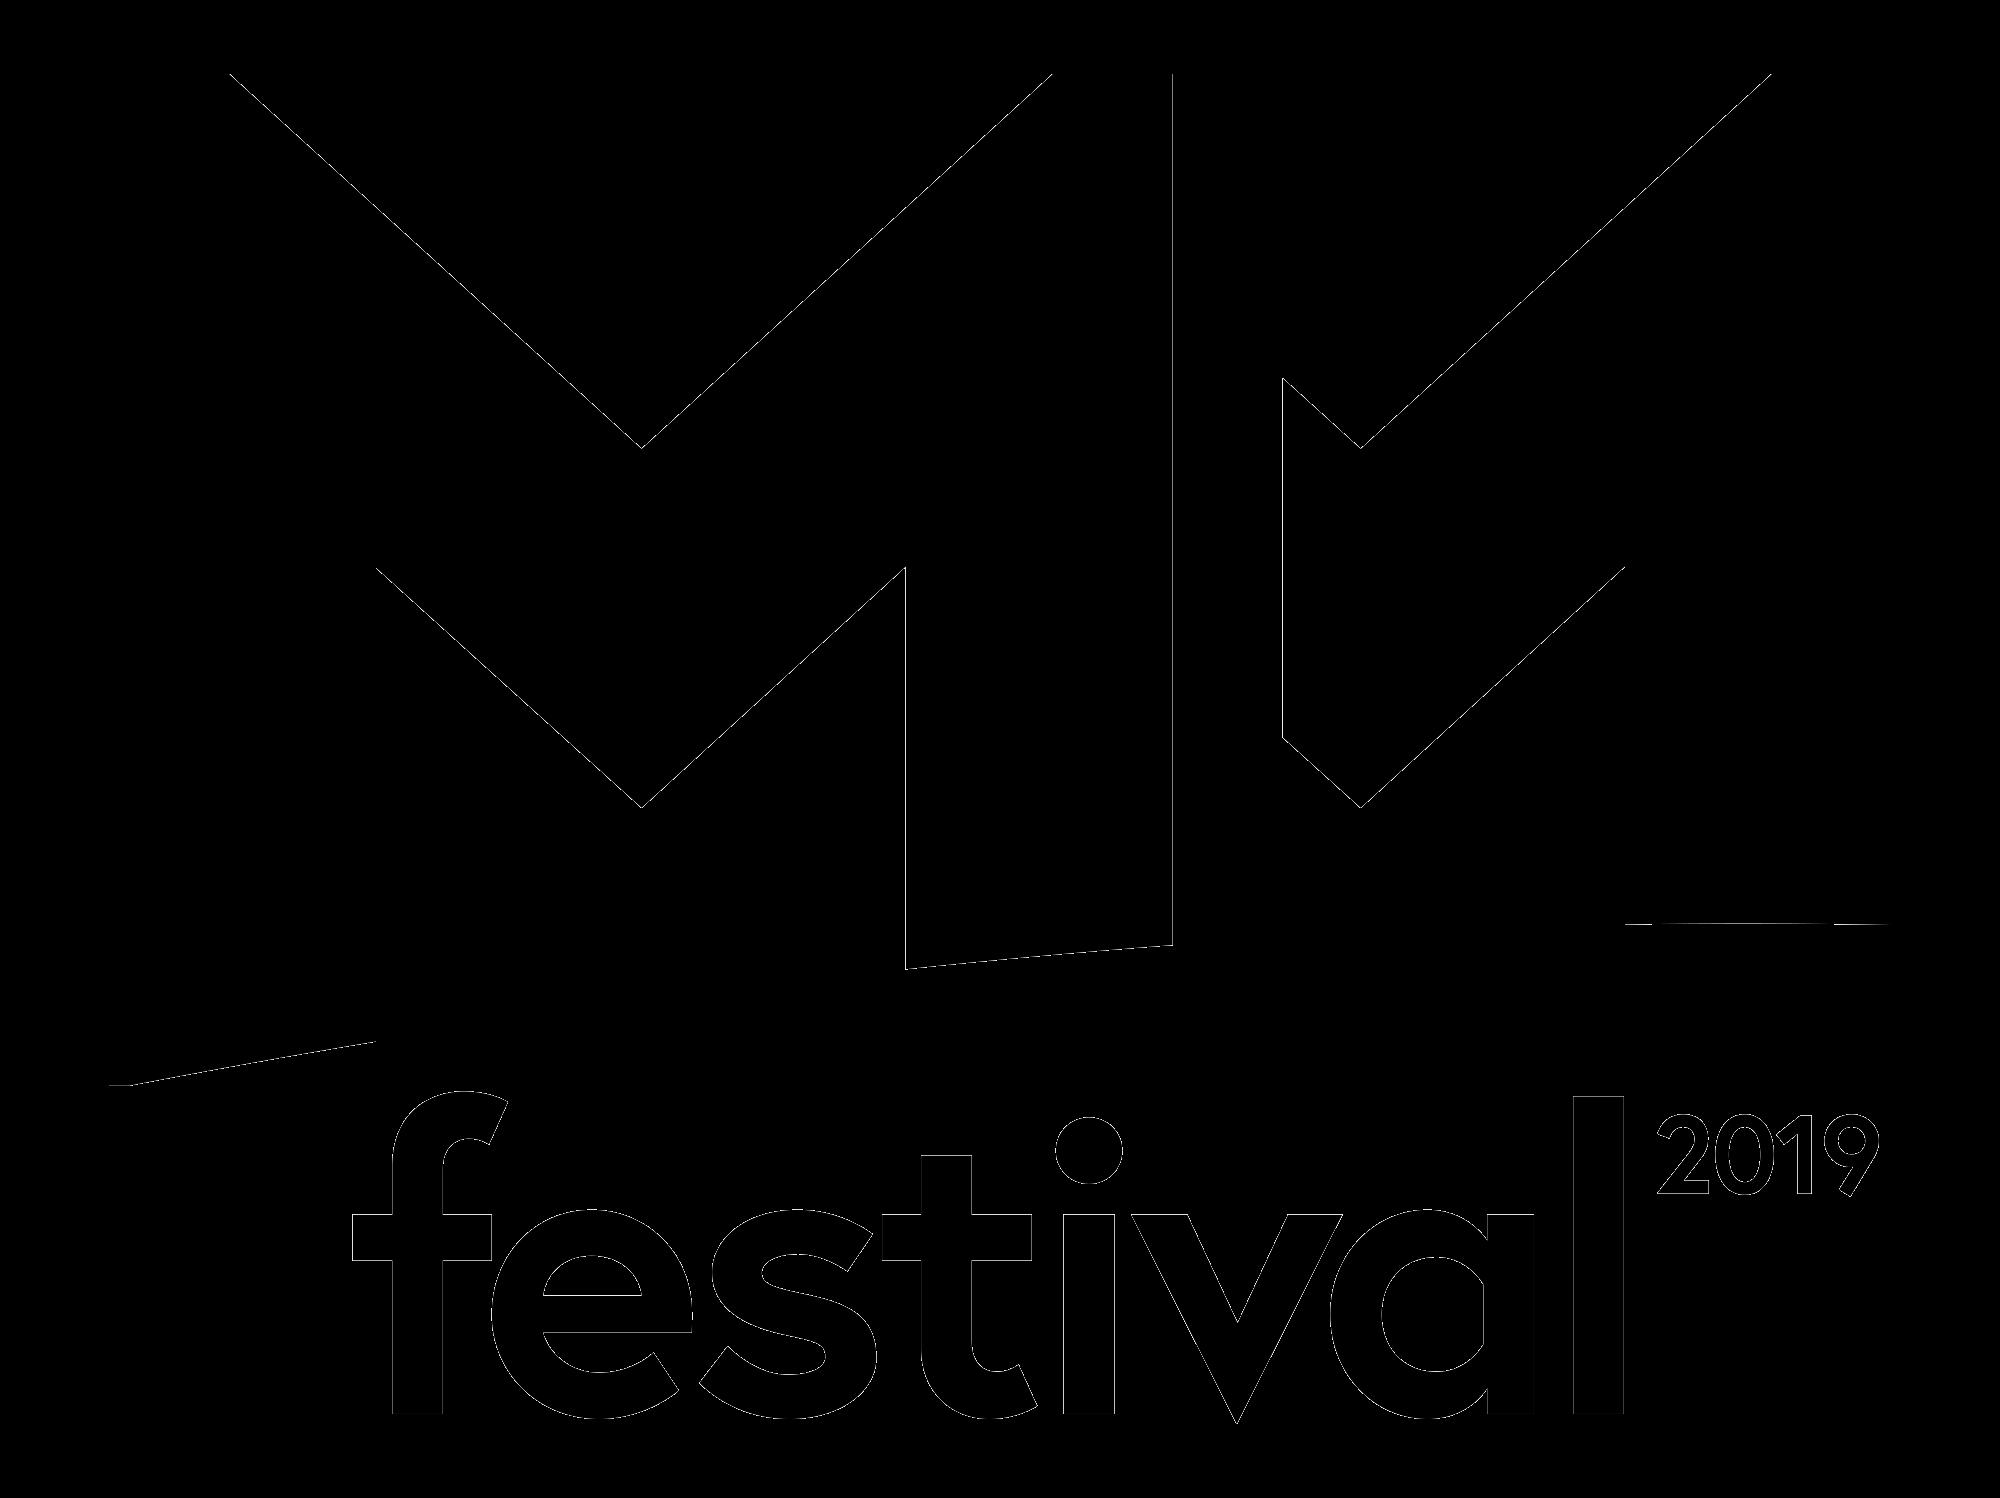 Festival Musique Mouvement